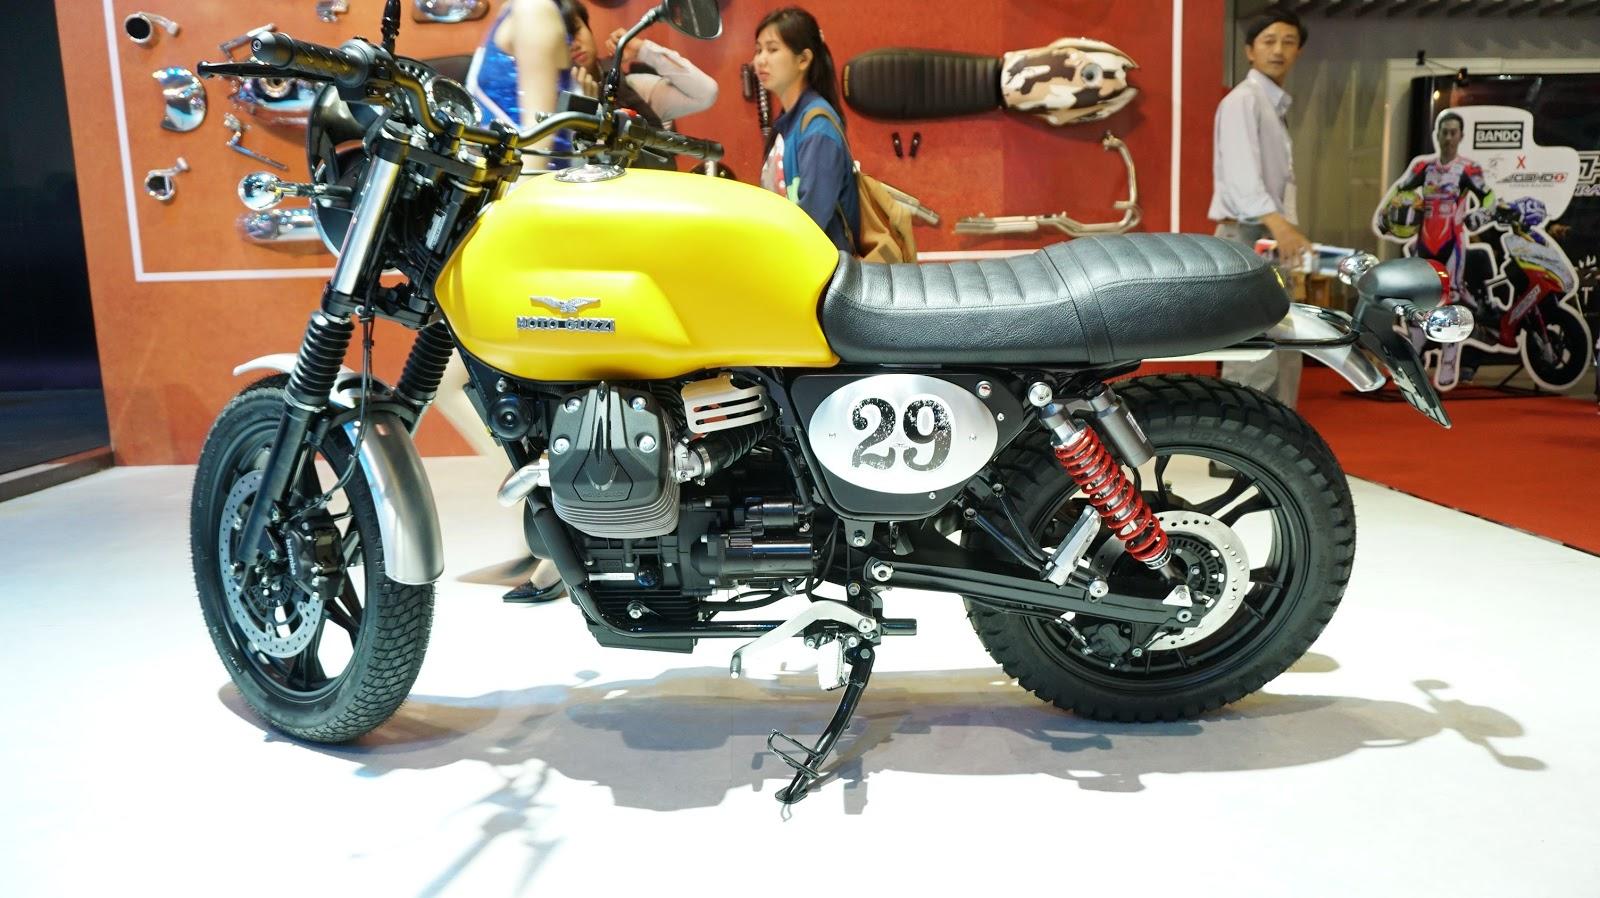 Moto Guzzi V7 II STORNELLO phải nói là một con xế quá đẹp, cảm giác chắc chắn, bền bỉ và tin tưởng